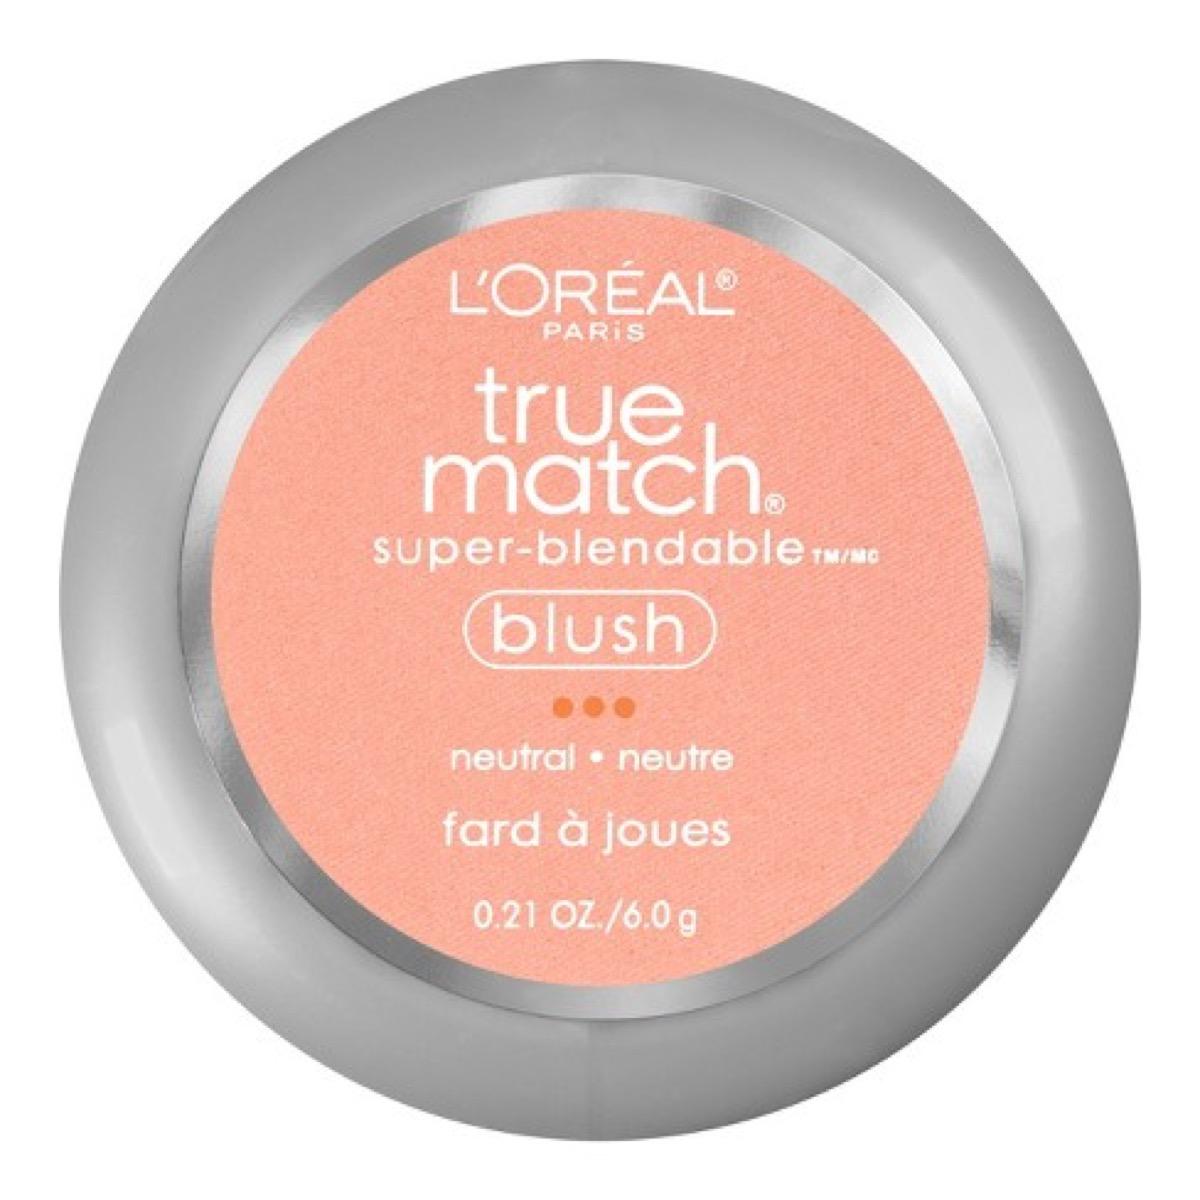 L'Oreal Blush in peach